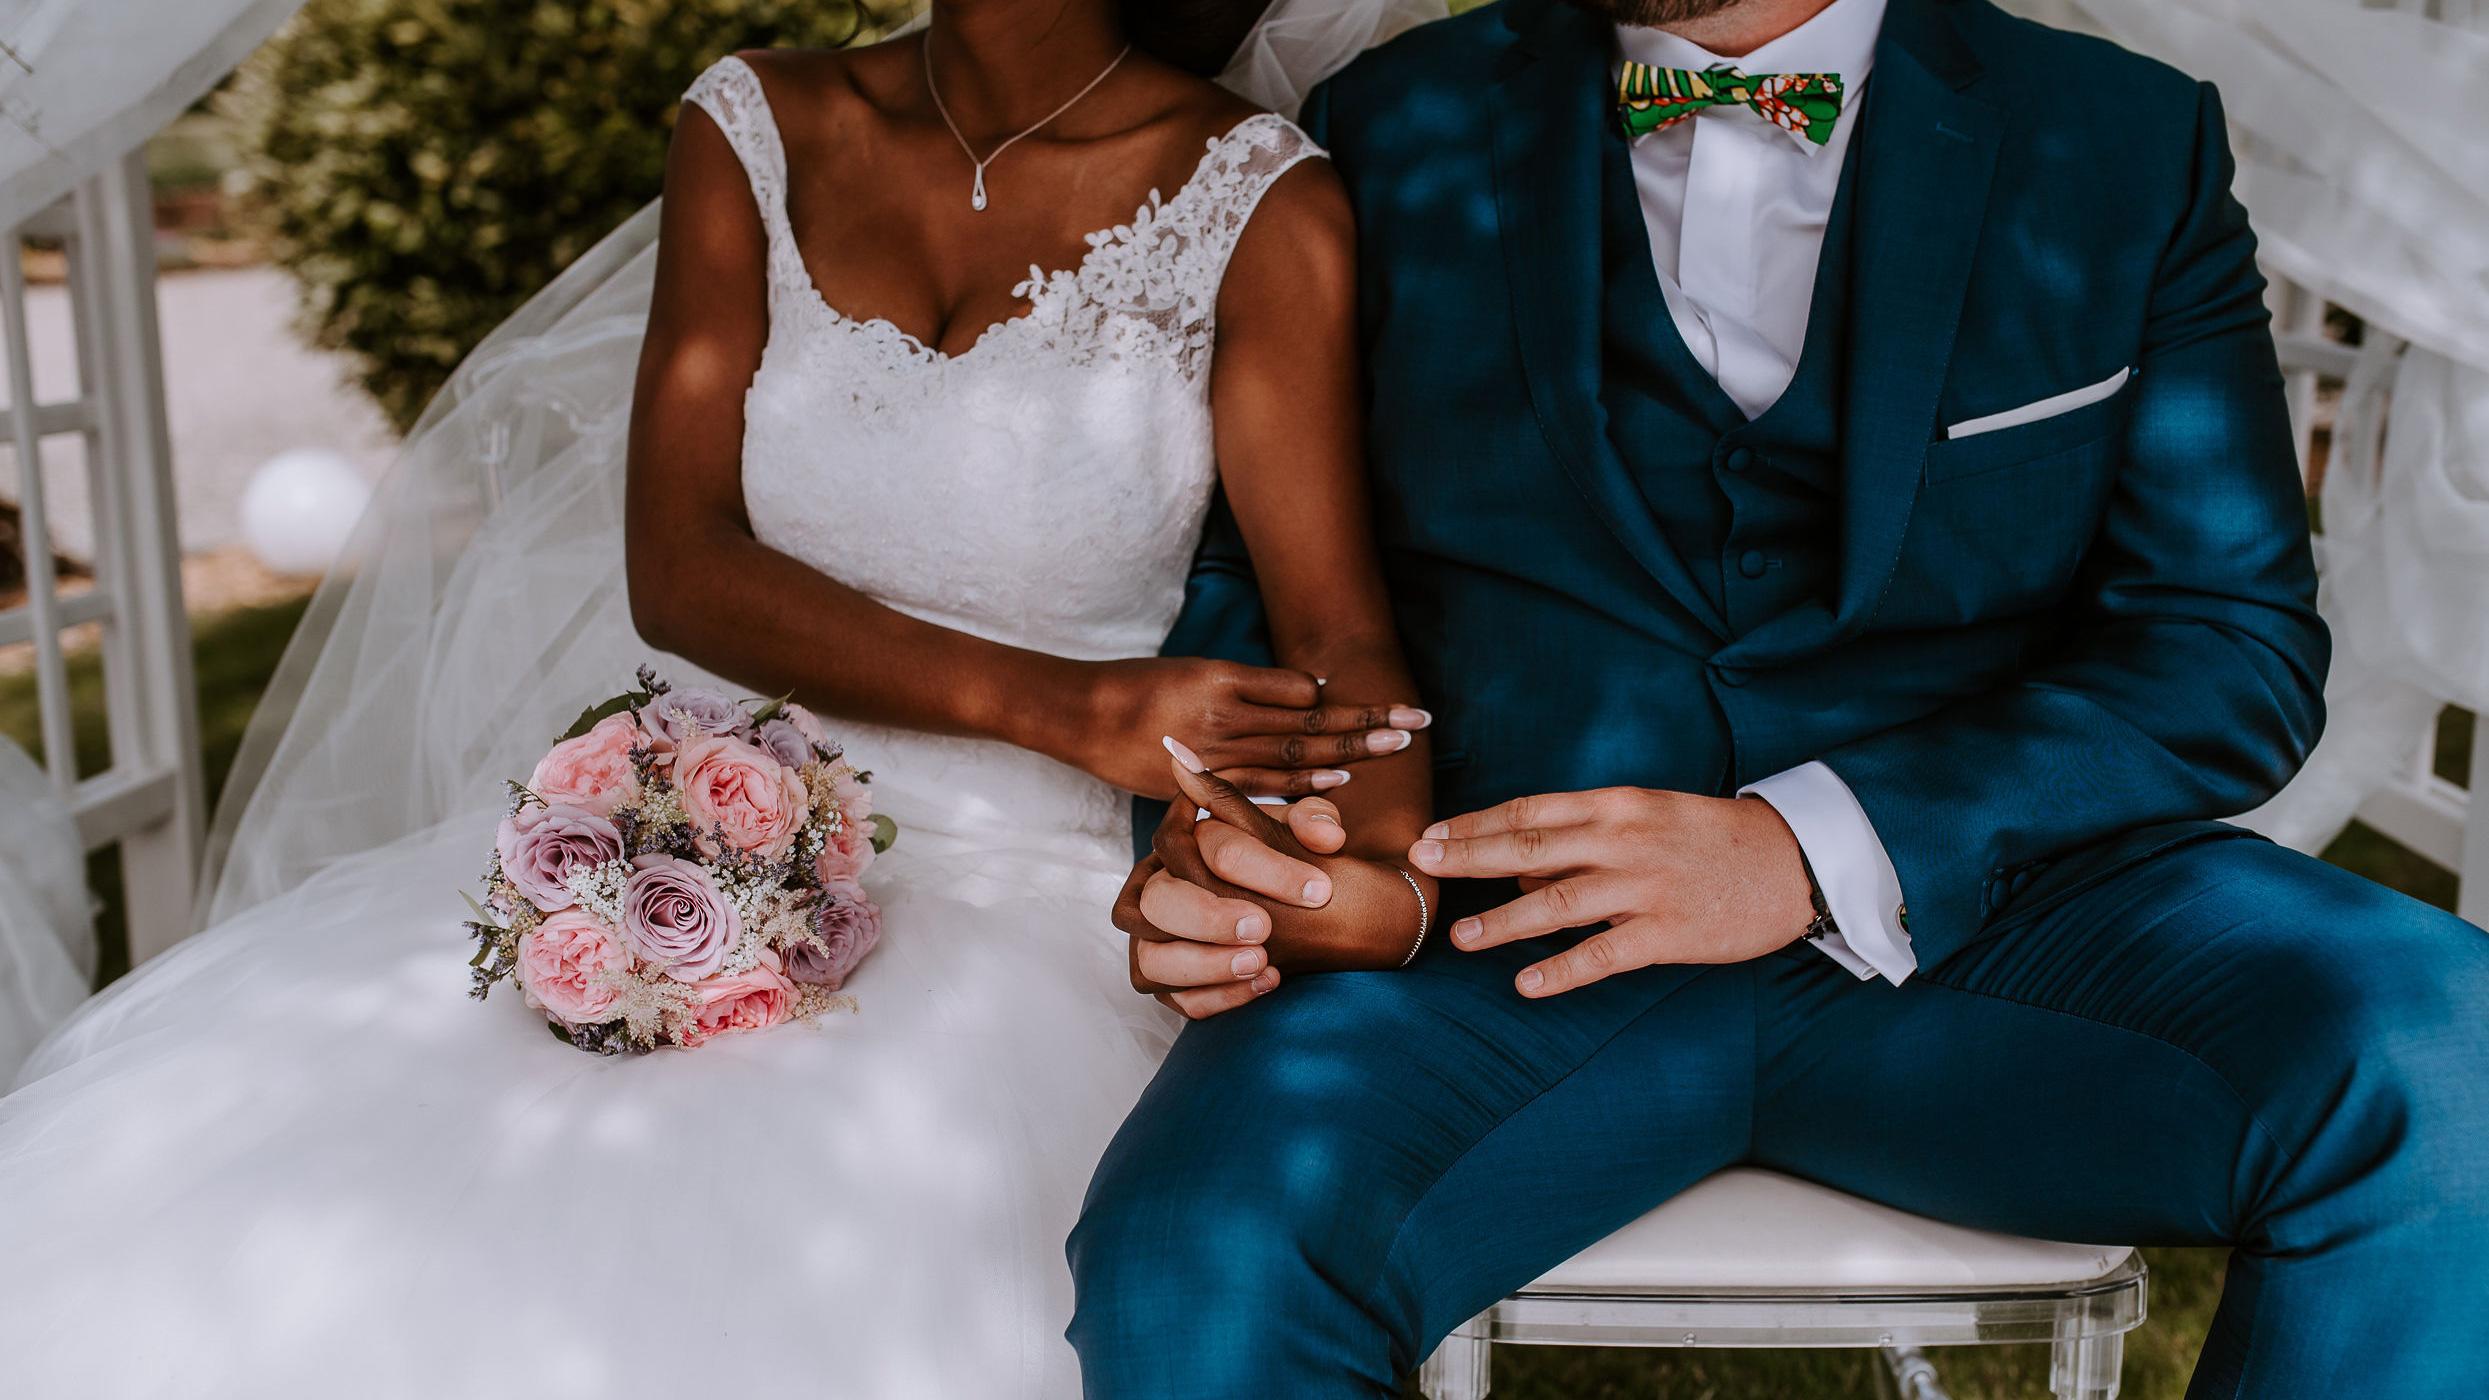 Cérémonie laïque les mariés assis mains dans la mains Perfect Moment by A Wedding planner Reims